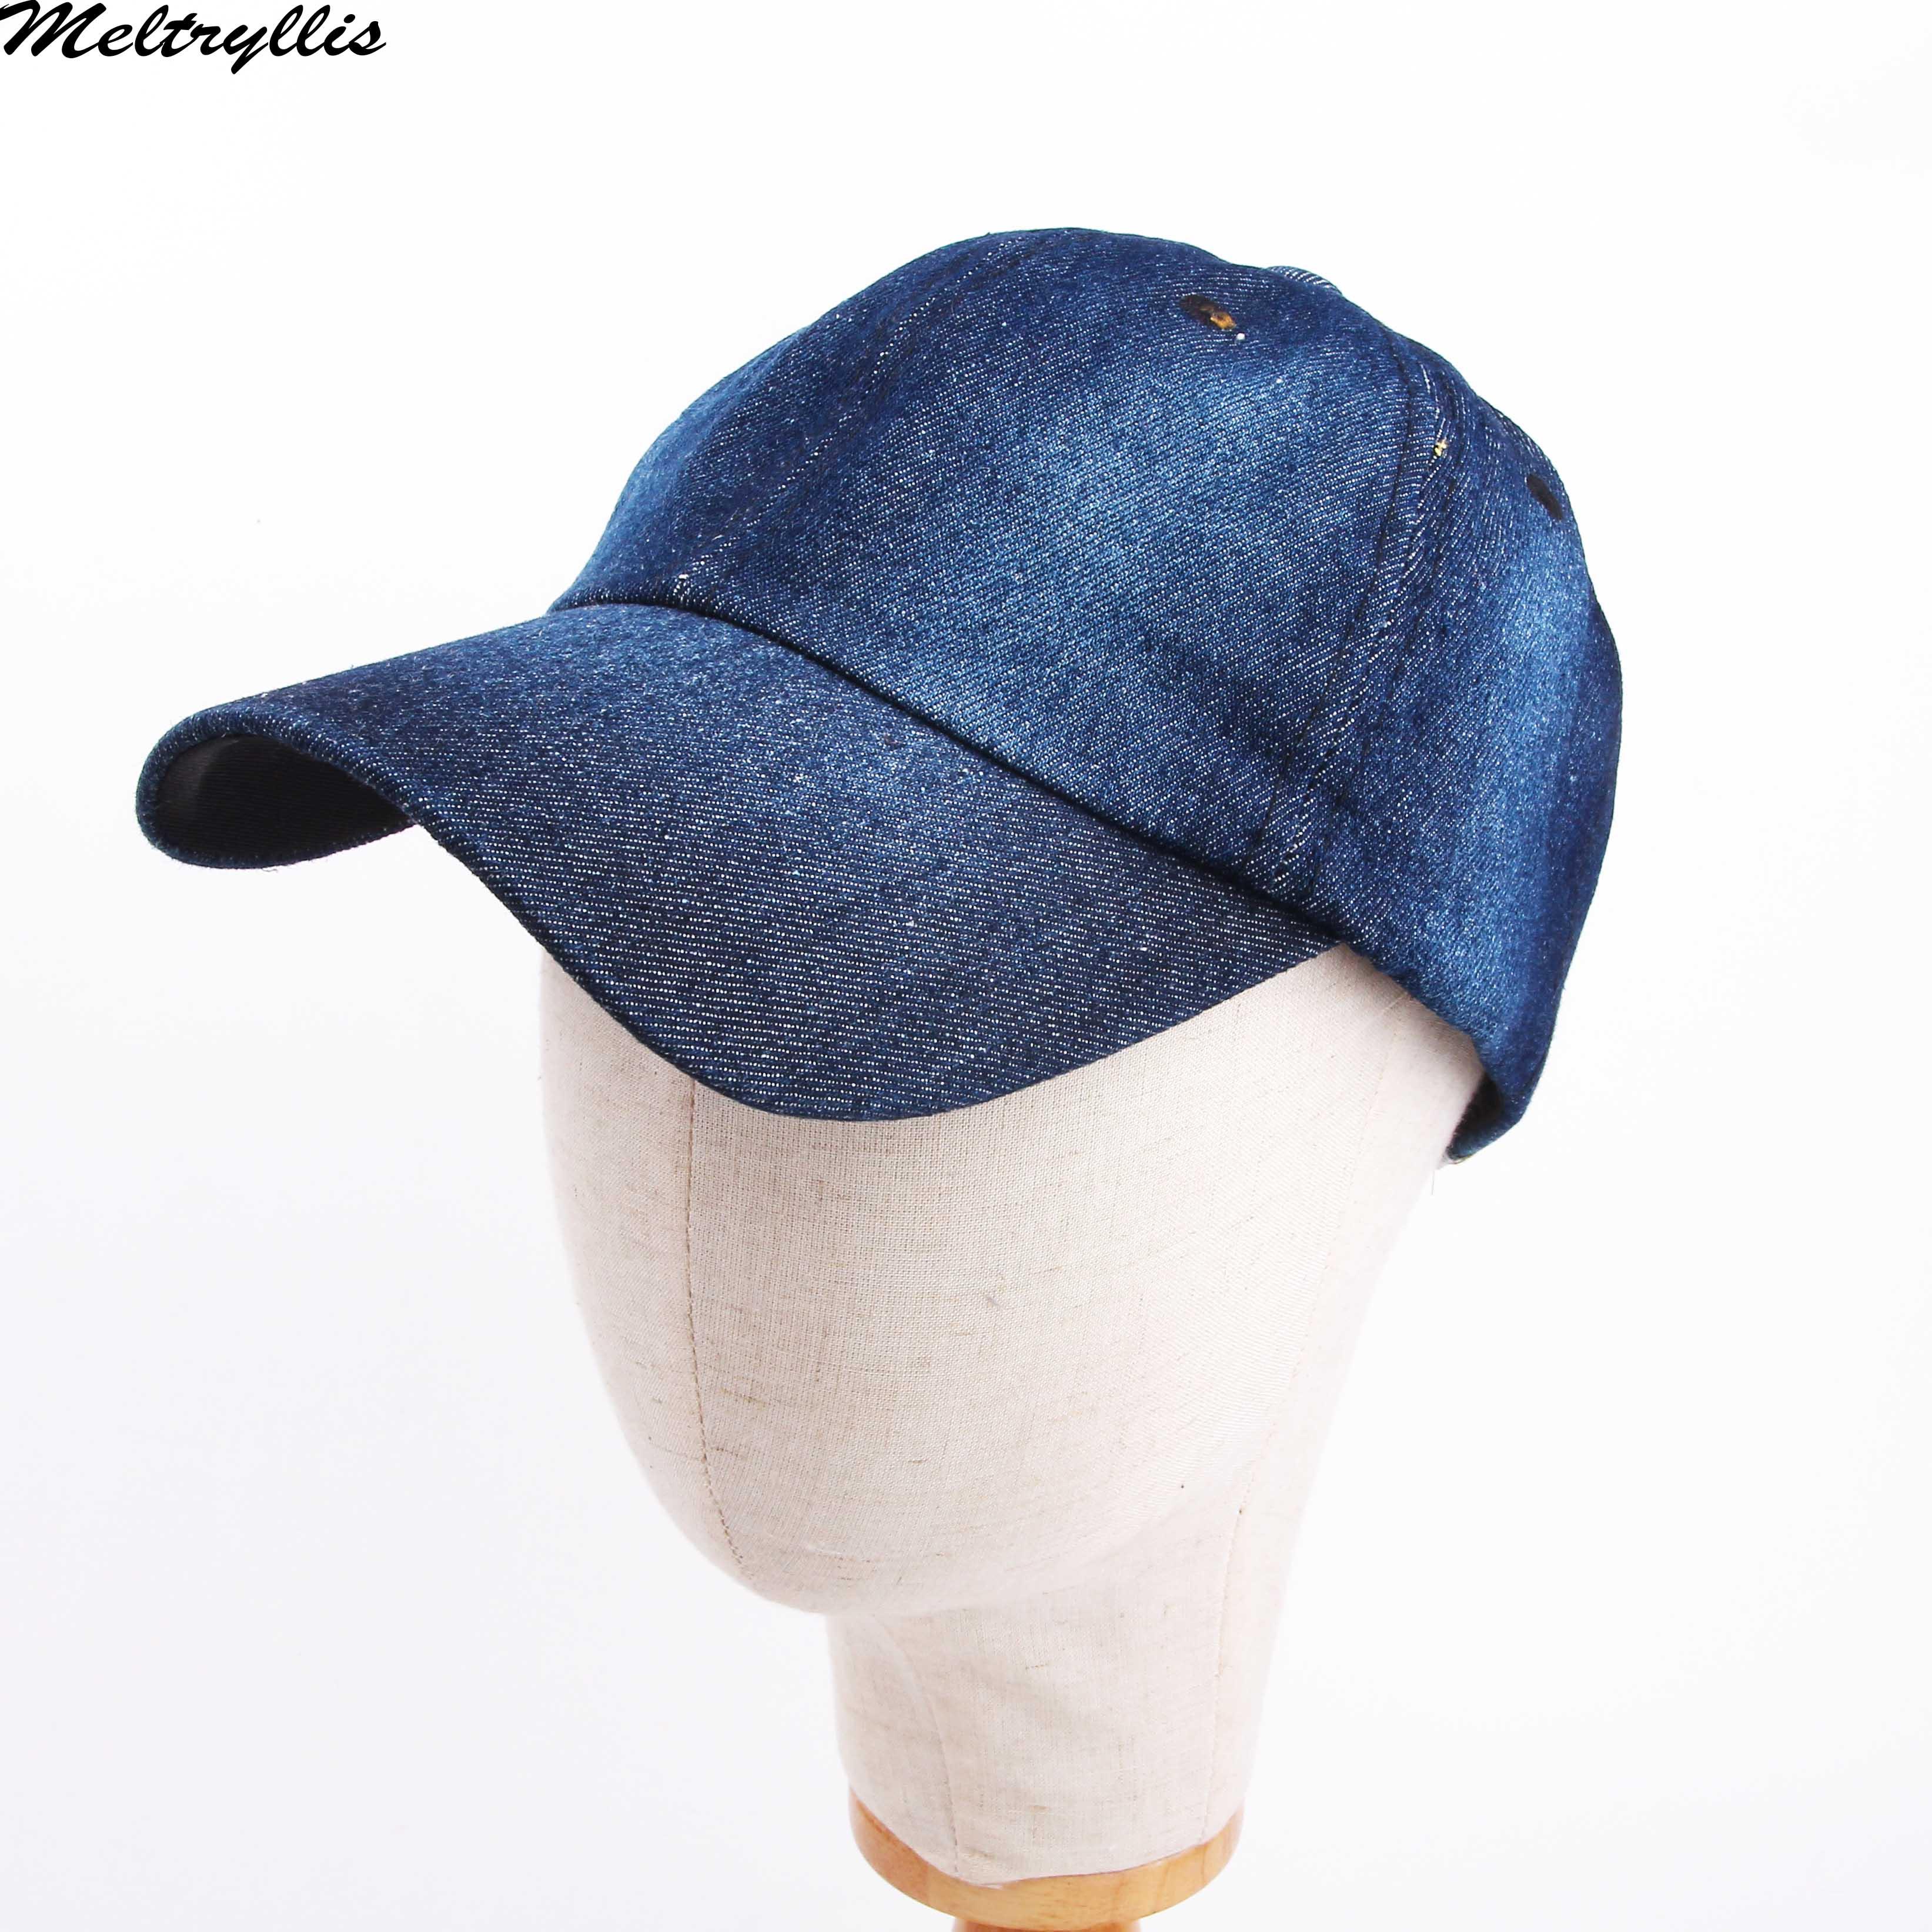 Pineapple Colorful Plain Adjustable Cowboy Cap Denim Hat Women Men